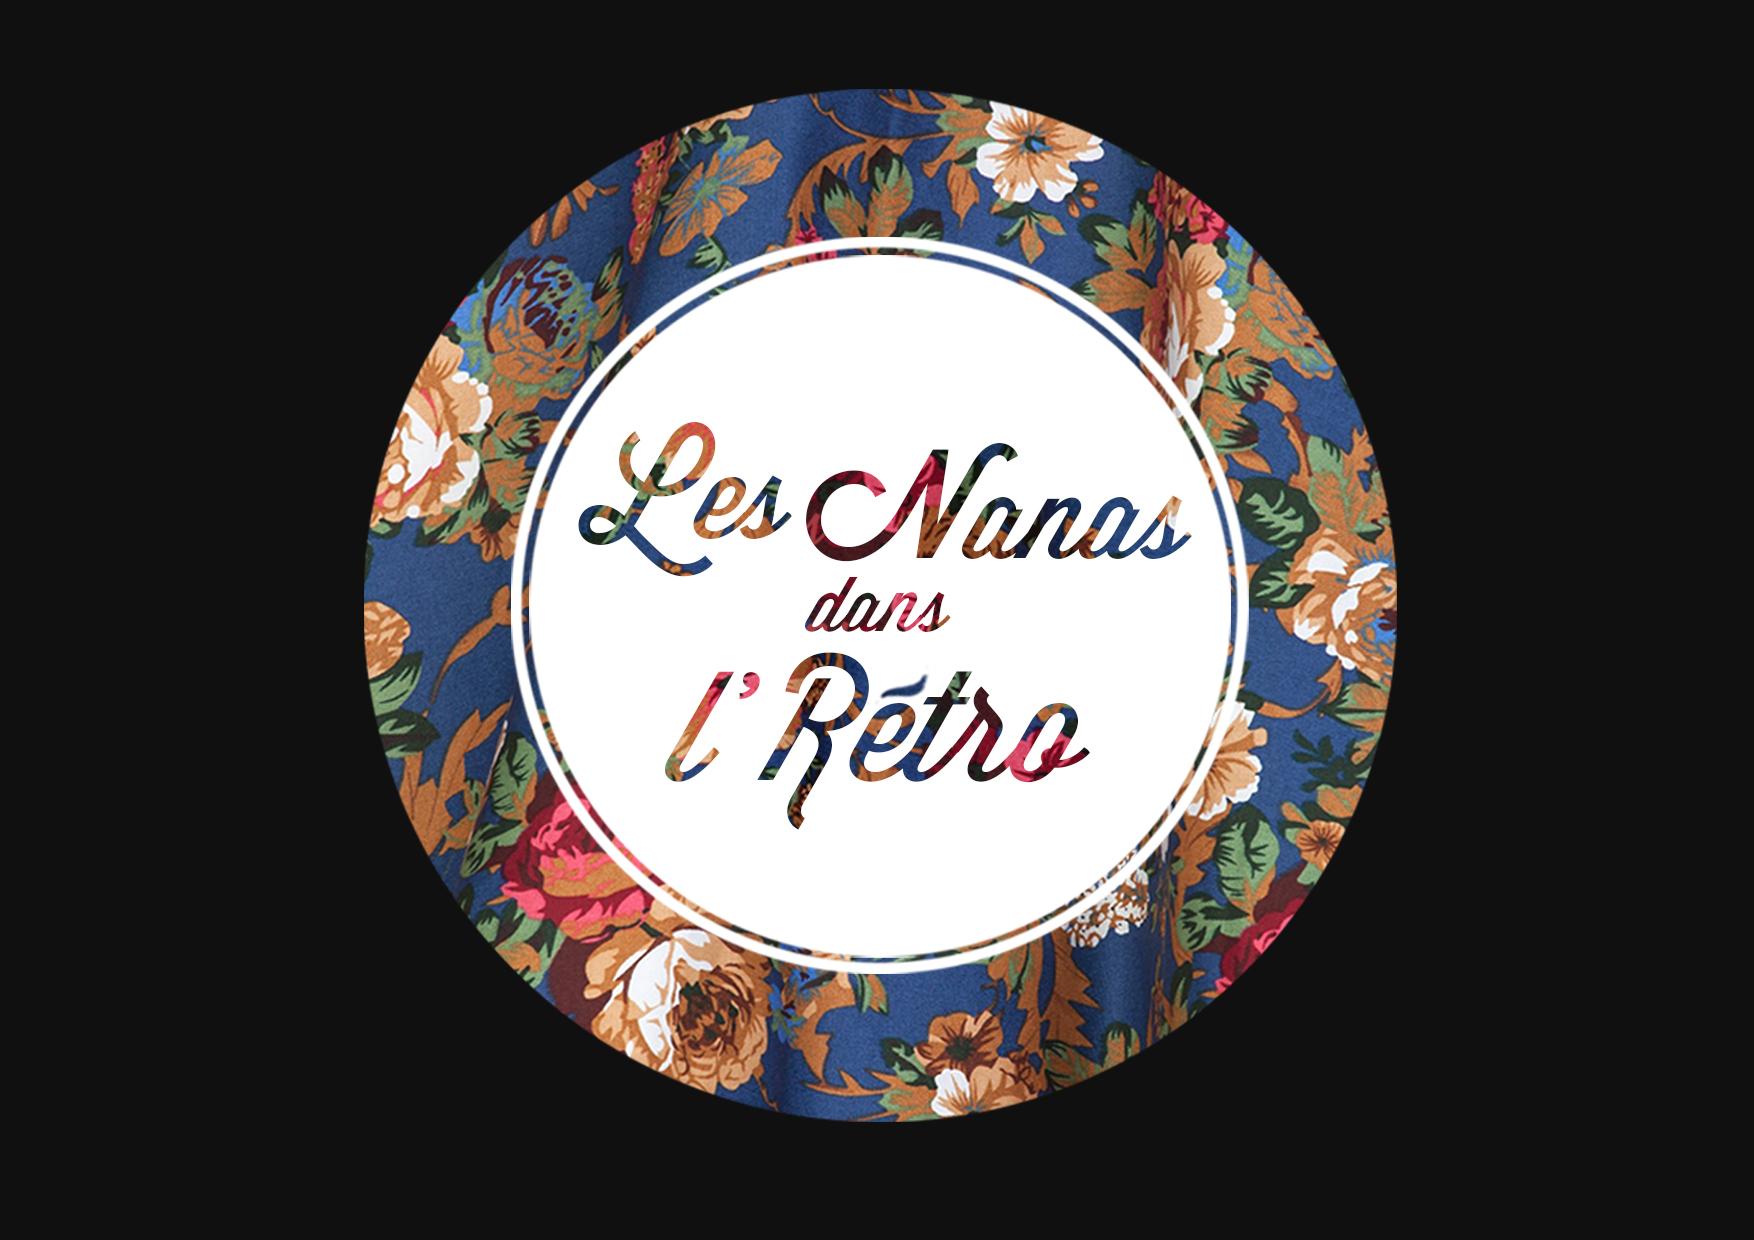 Les Nanas dans l'Rétro – Trio Vocal de Chansons Françaises Rétro